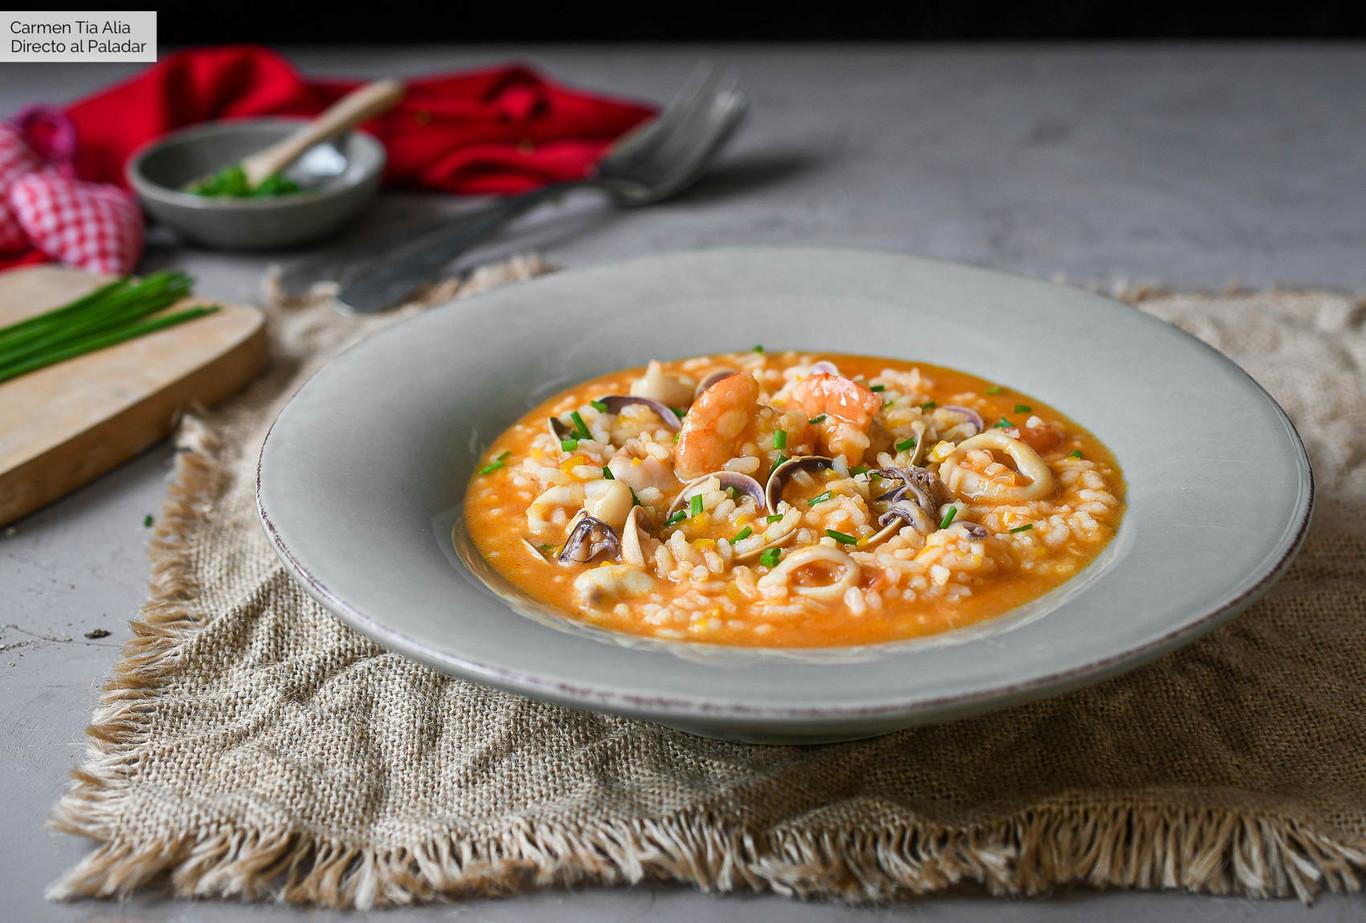 Arroz Caldoso De Calamares Almejas Y Langostinos Receta De Cocina Facil Y Deliciosa